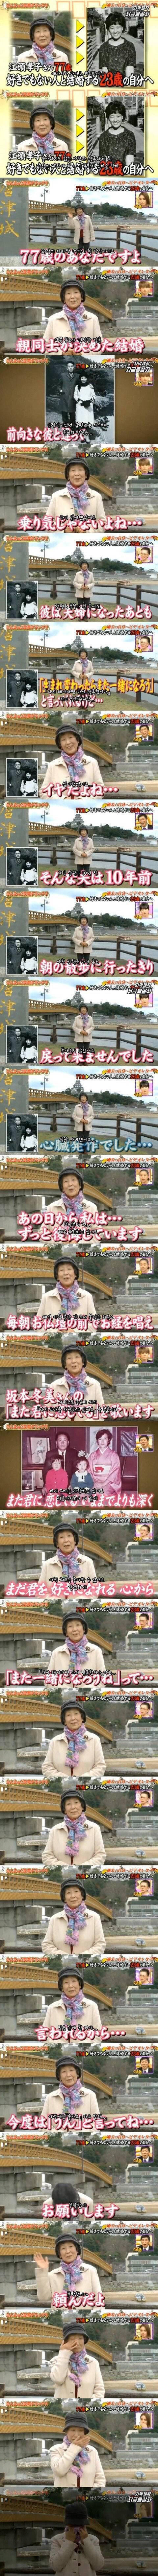 77세할머니의 부탁 | 인스티즈